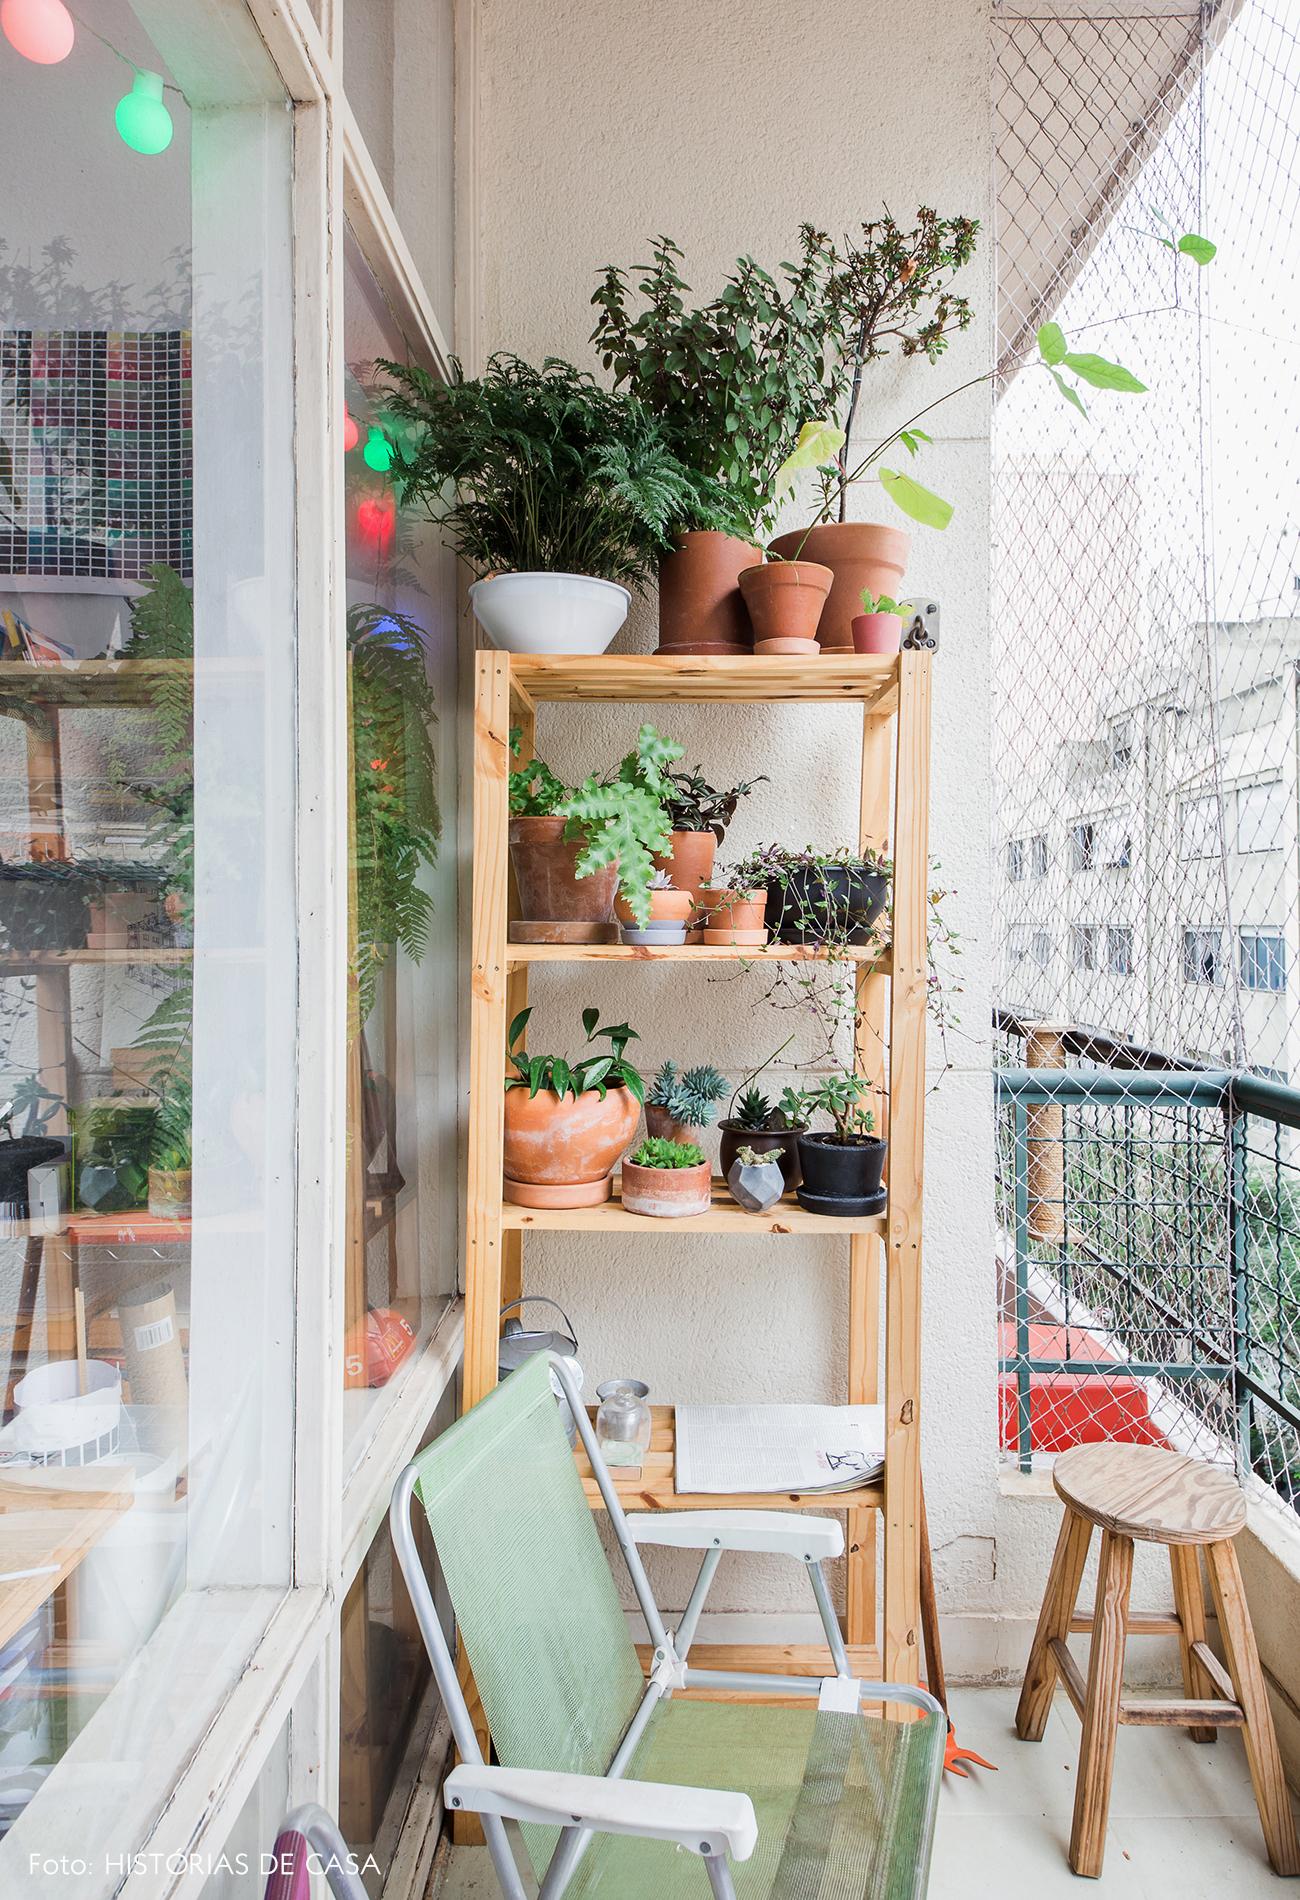 Varanda pequena com estante de madeira com plantas